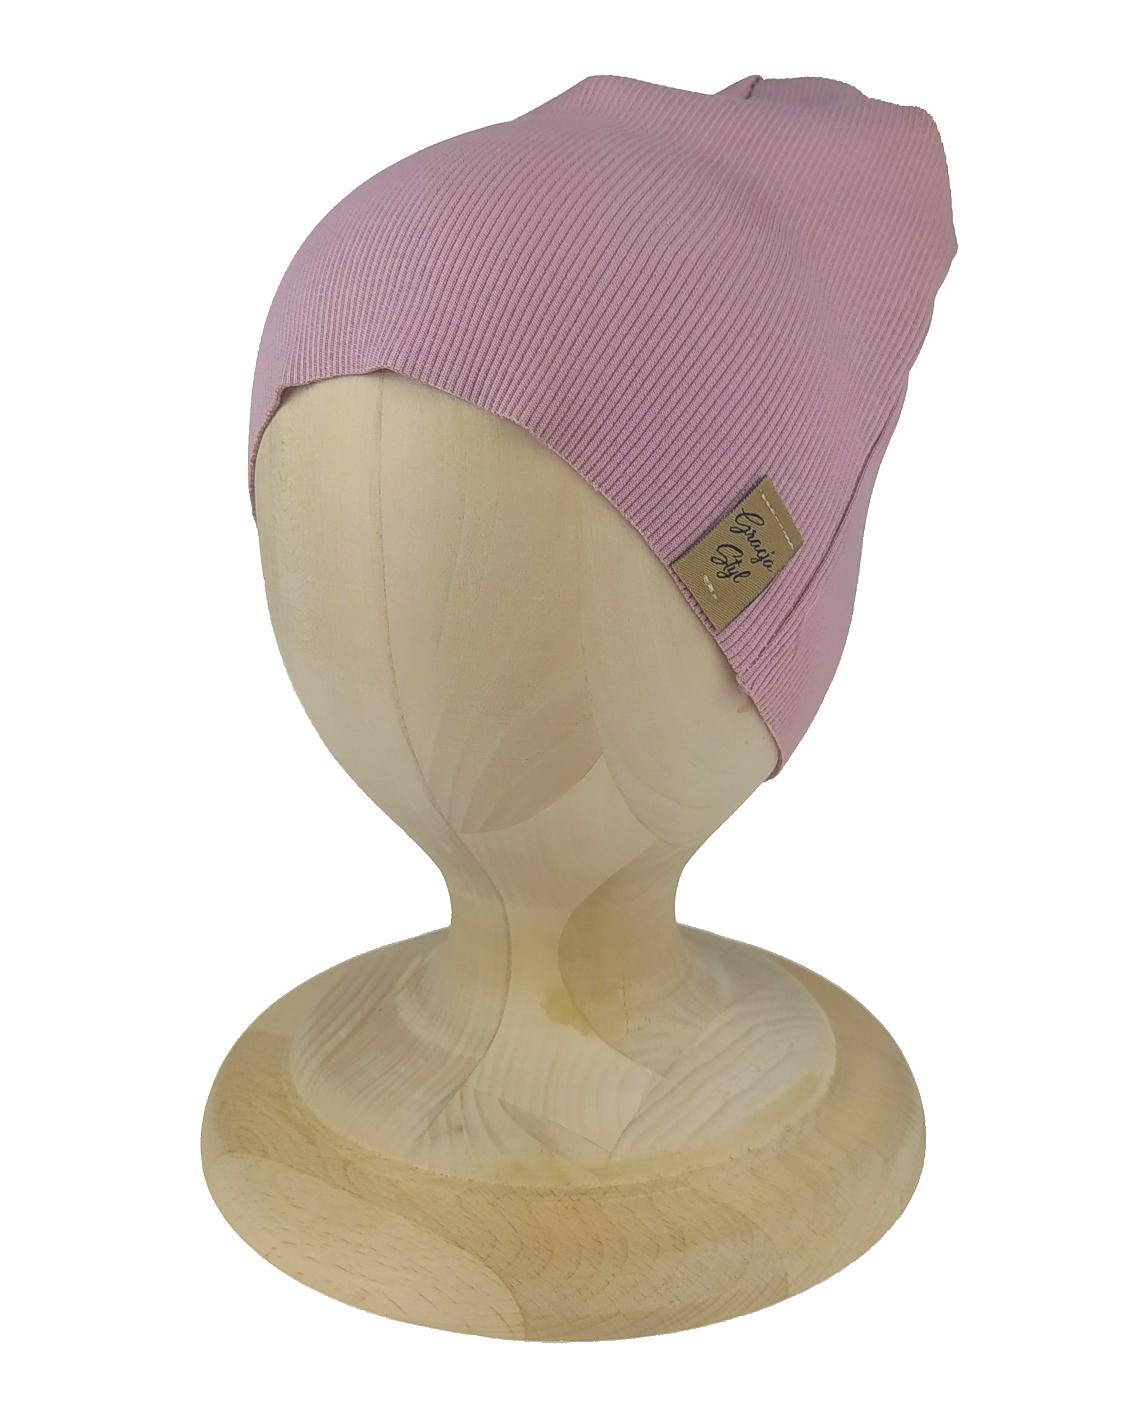 CZAPKA smerfetka Czapka smerfetka piękna ozdoba główki dla malucha jak i zarówno dla starszych pociech. Wykonany z elastycznej dresówki idealne zarówno na upały oraz zimniejsze dni. Super zamiennik dla czapek chust, kapeluszy. Dzięki zastosowaniu wysokiej jakości dresówki oraz domieszce elastanu dzianina dobrze się układa, zapobiega przesunięciu się a co za tym idzie w trakcie użytkowania nie zsuwa się z USZÓW. Absolutny must have sezonu.